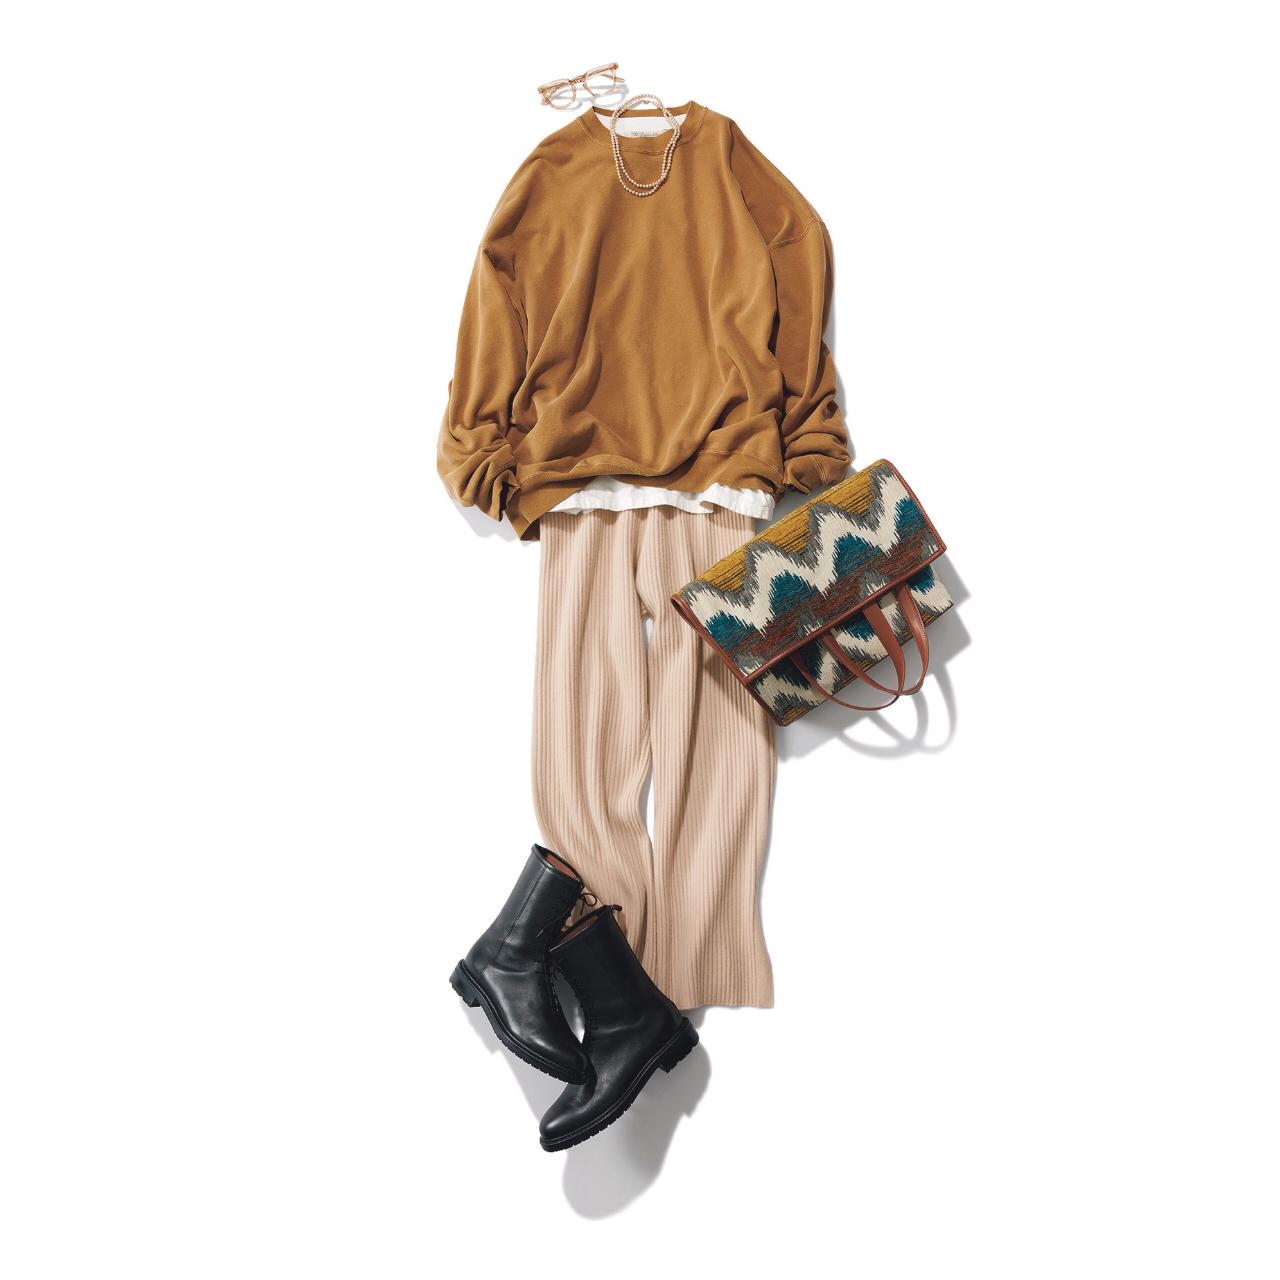 【2021秋のショートブーツ】カジュアル派もきれいめ派も使える! 万能ショートブーツを使った秋コーデまとめ|40代ファッション_1_10